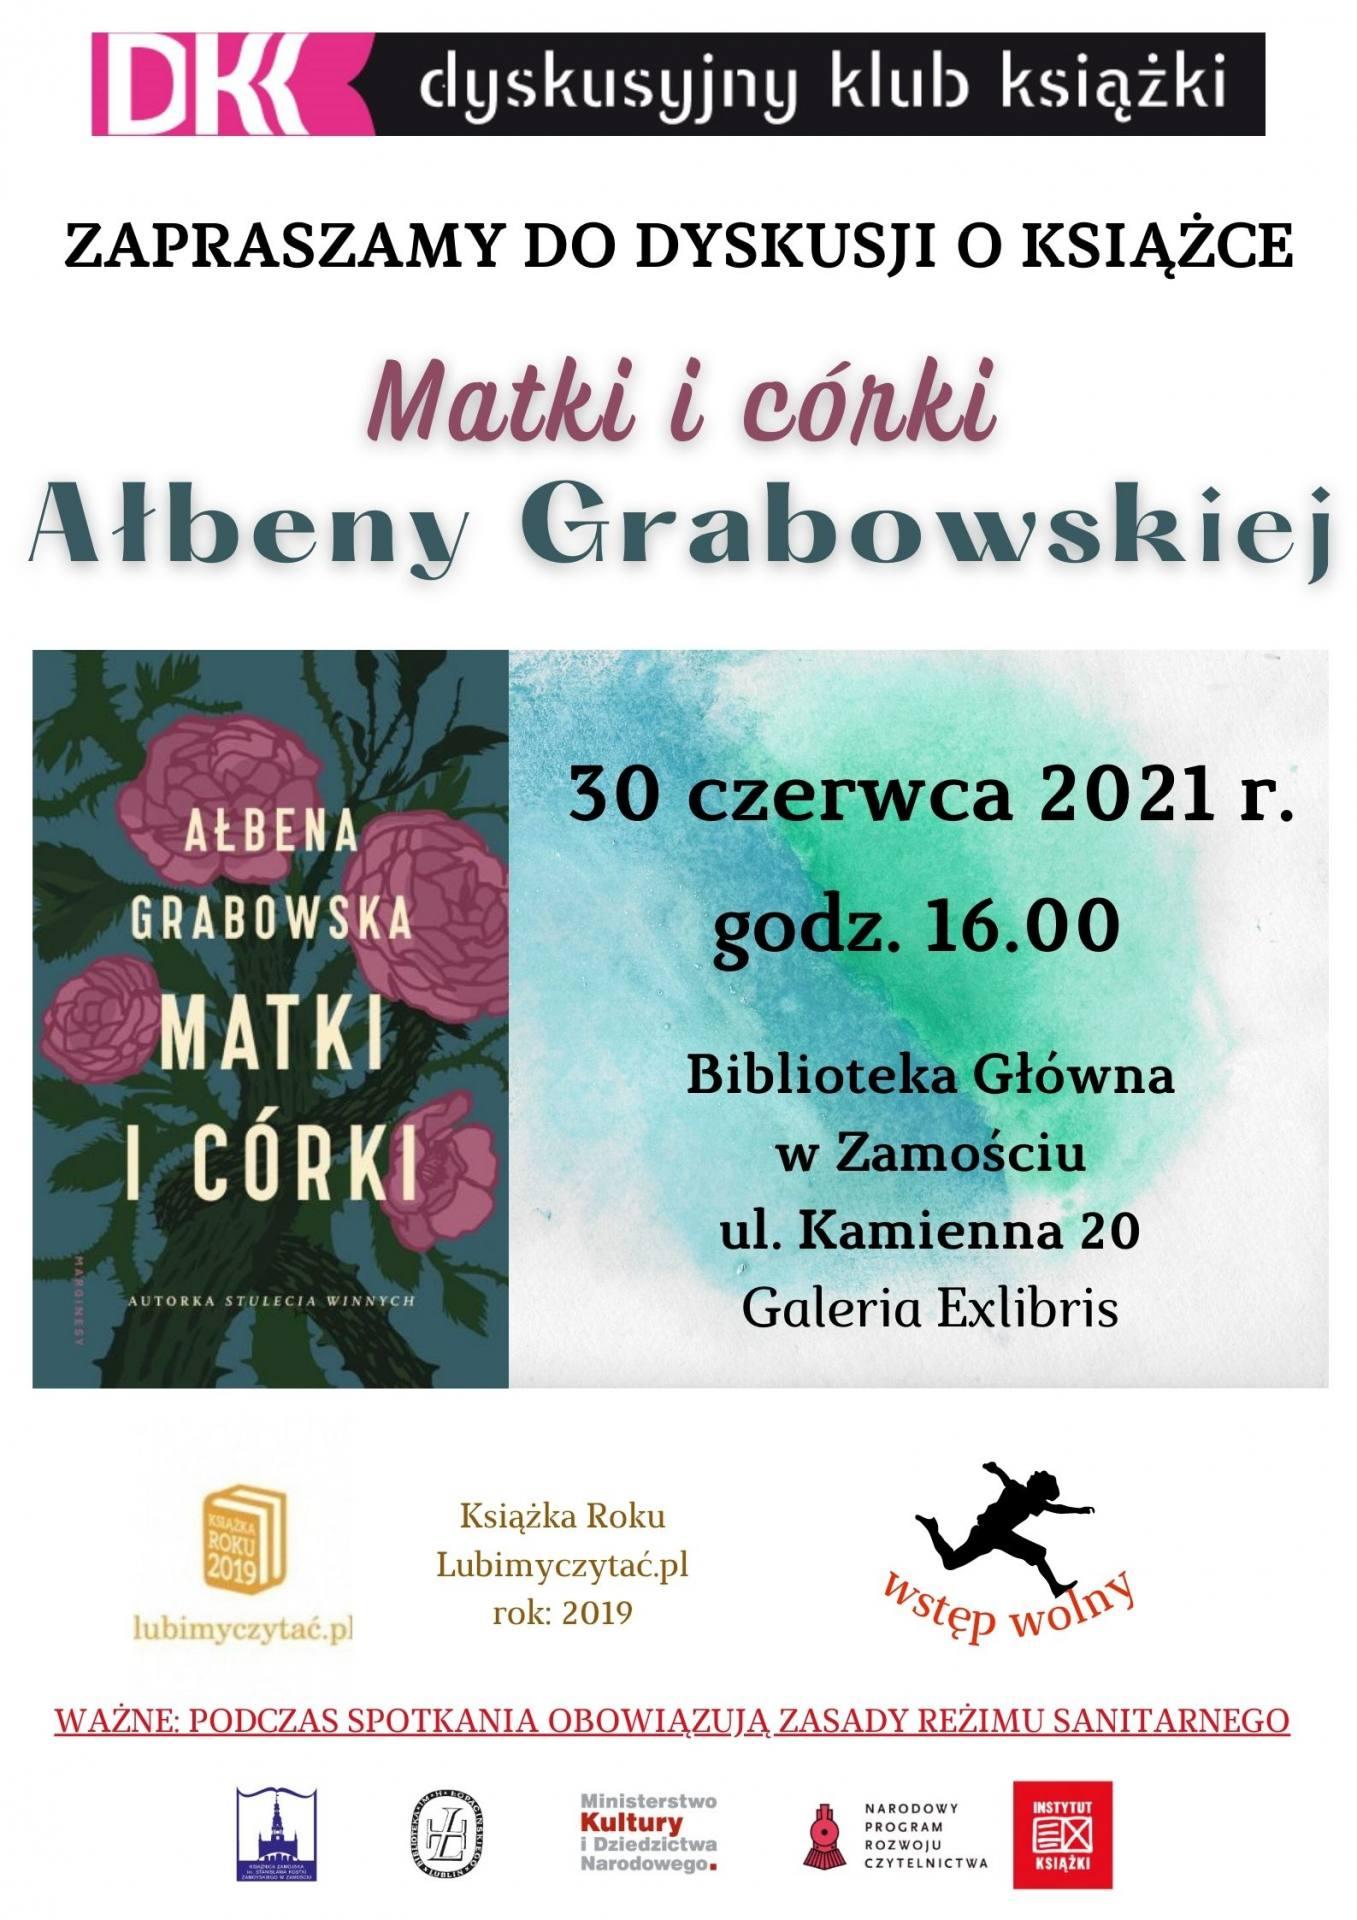 dkkczerwiec2021 Matki i córki Ałbeny Grabowskiej-Grzyb – spotkanie DKK